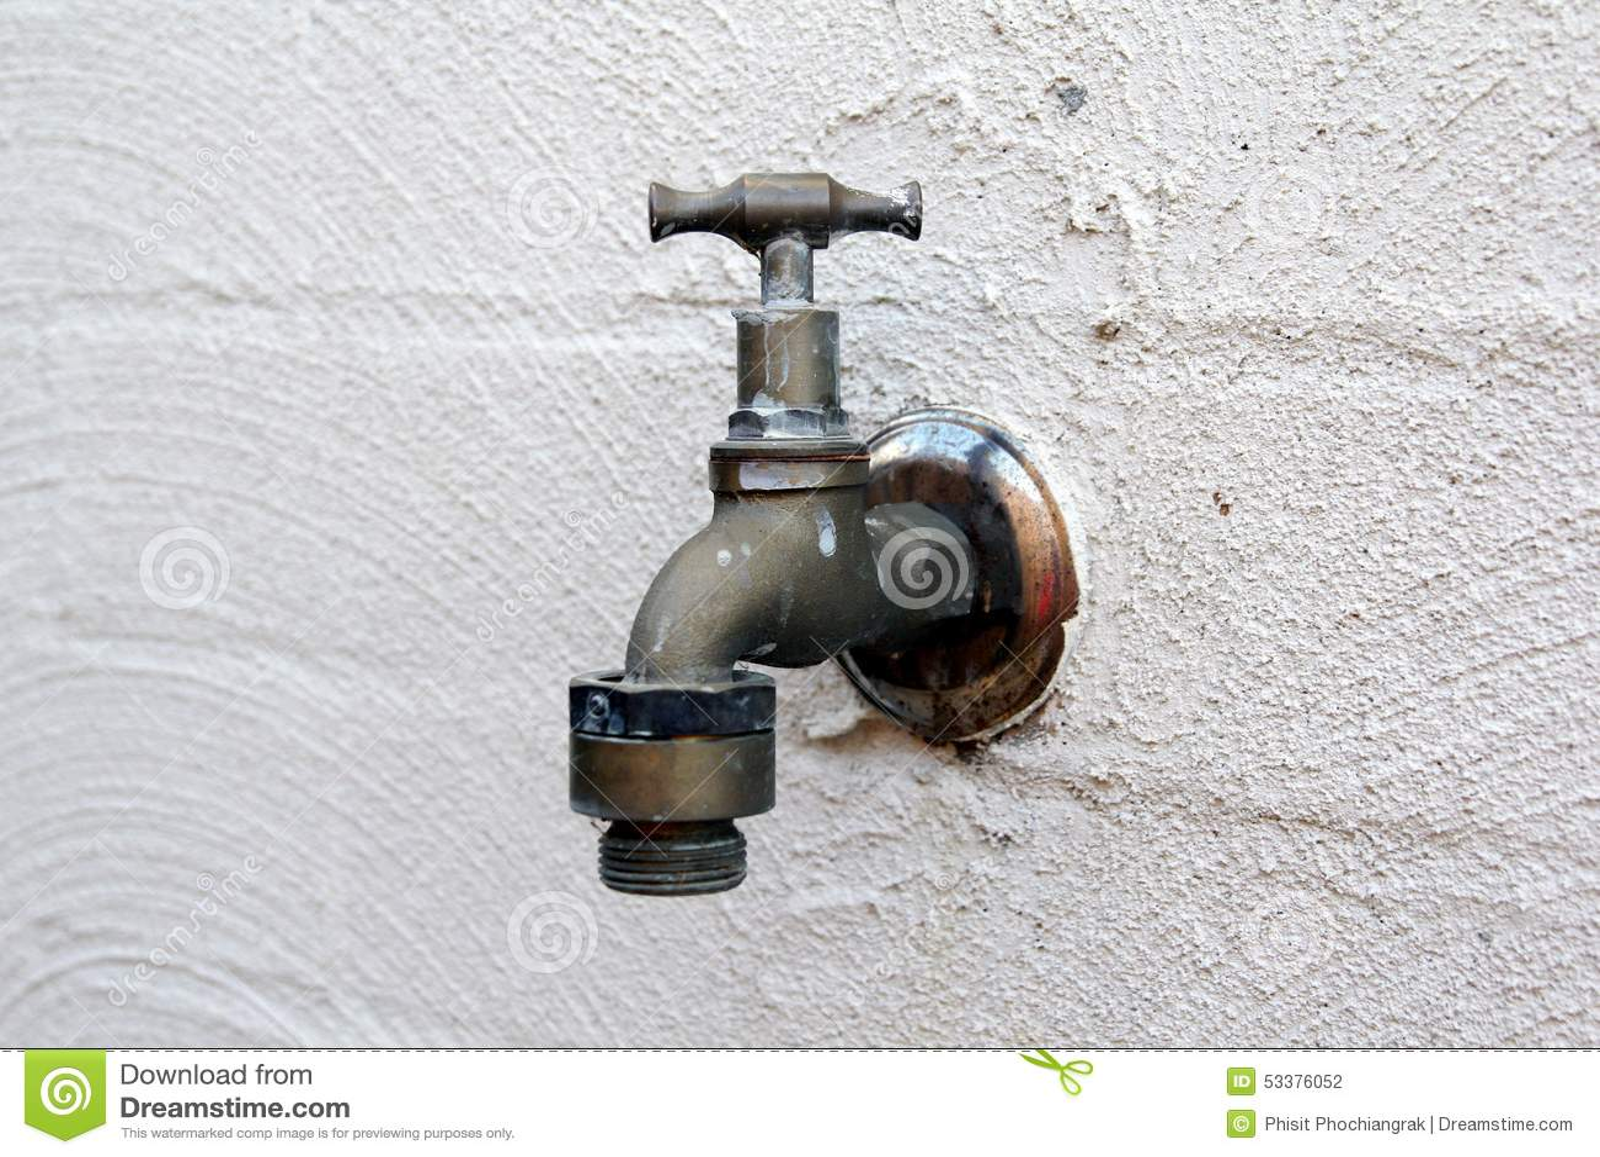 Alter Wasser Hahn Stockfoto Bild Von Outdoor Sauber 53376052